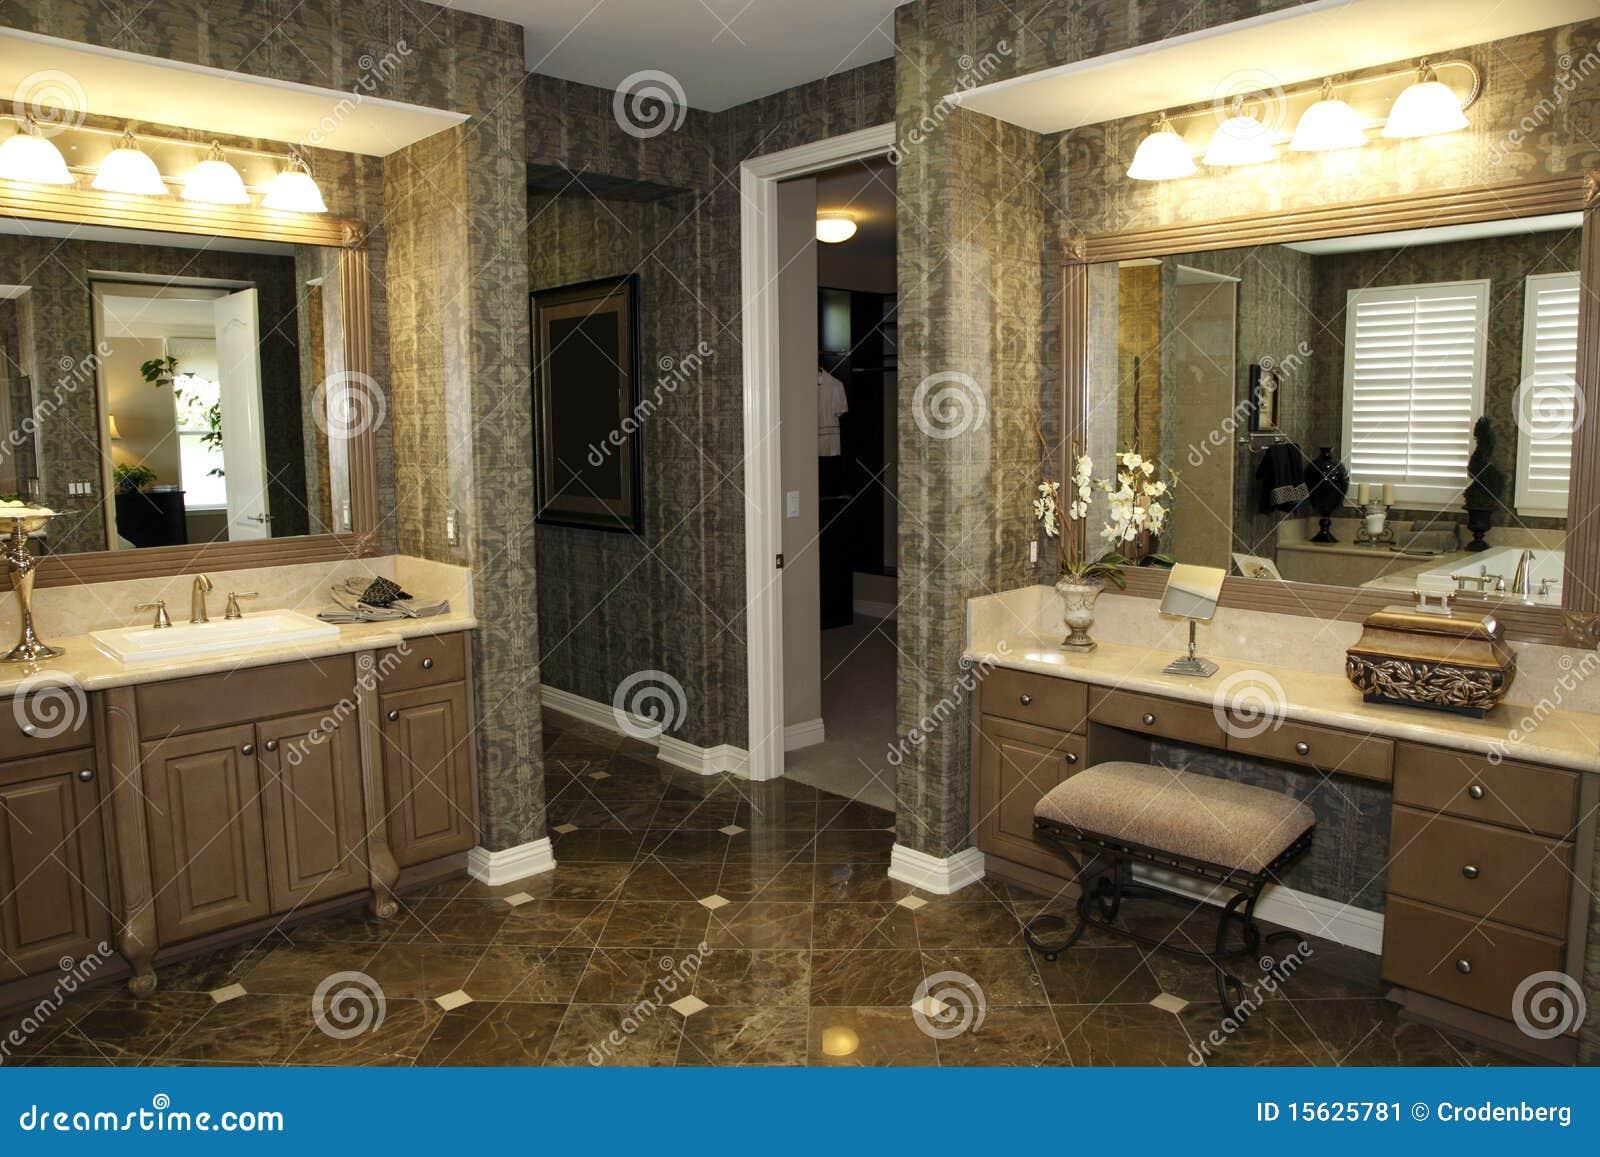 Stilfull badrumdekor fotografering för bildbyråer   bild: 15625781